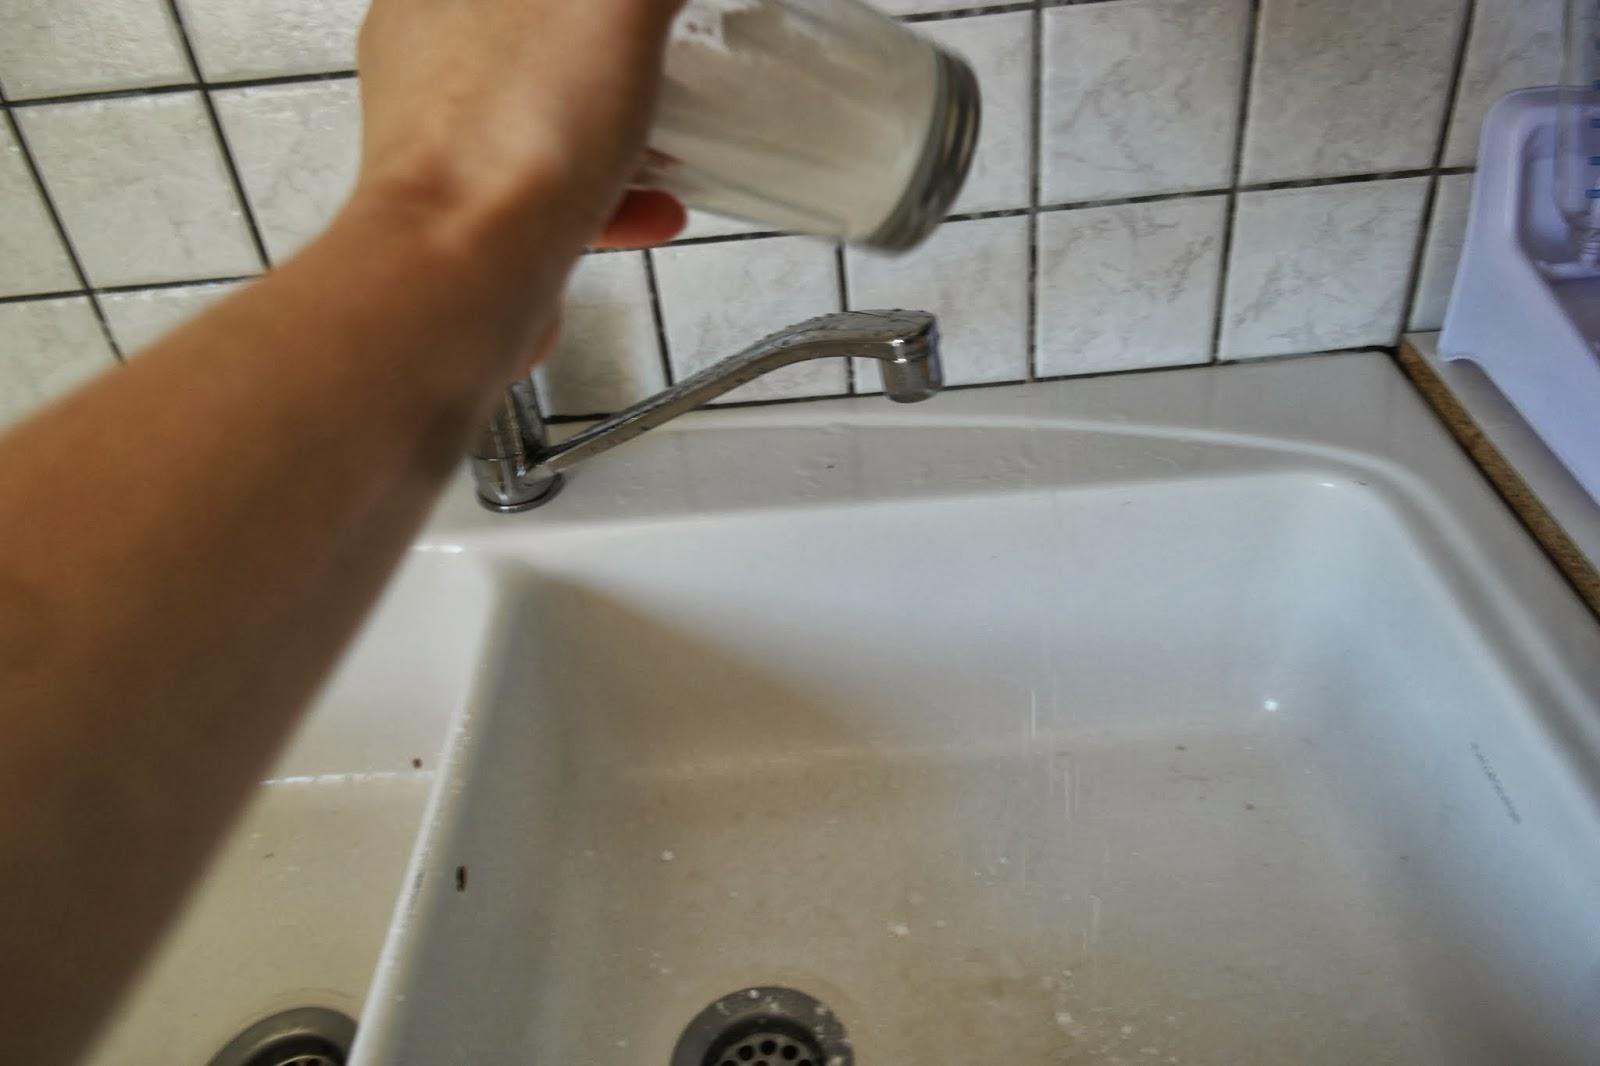 Creme A Recurer Salle De Bain ~ la maison de m lissande comment nettoyer sa cuisine